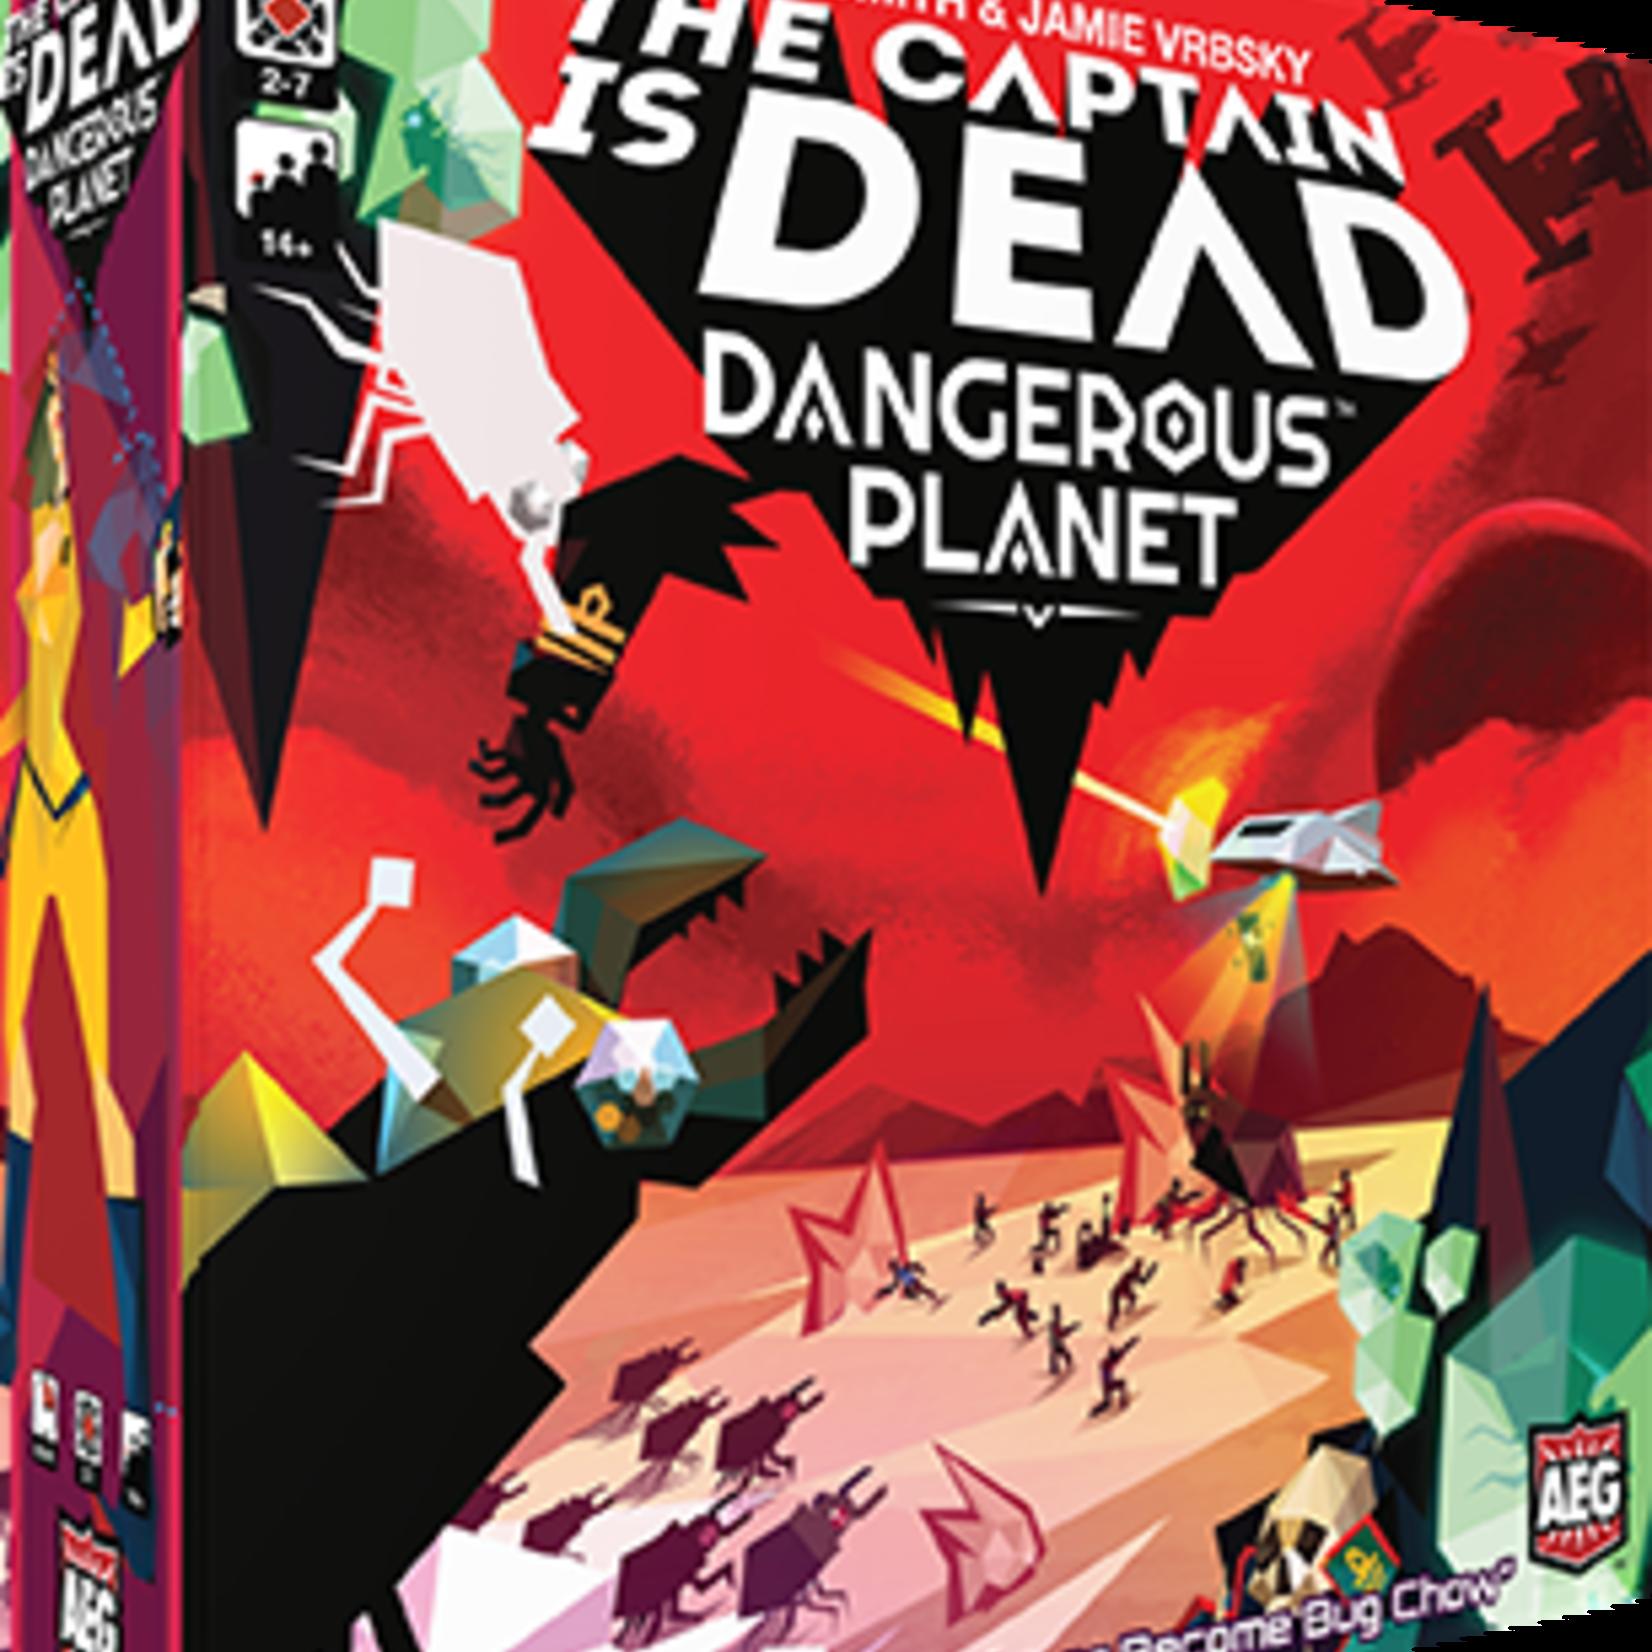 The Captain Is Dead Dangerous Planet